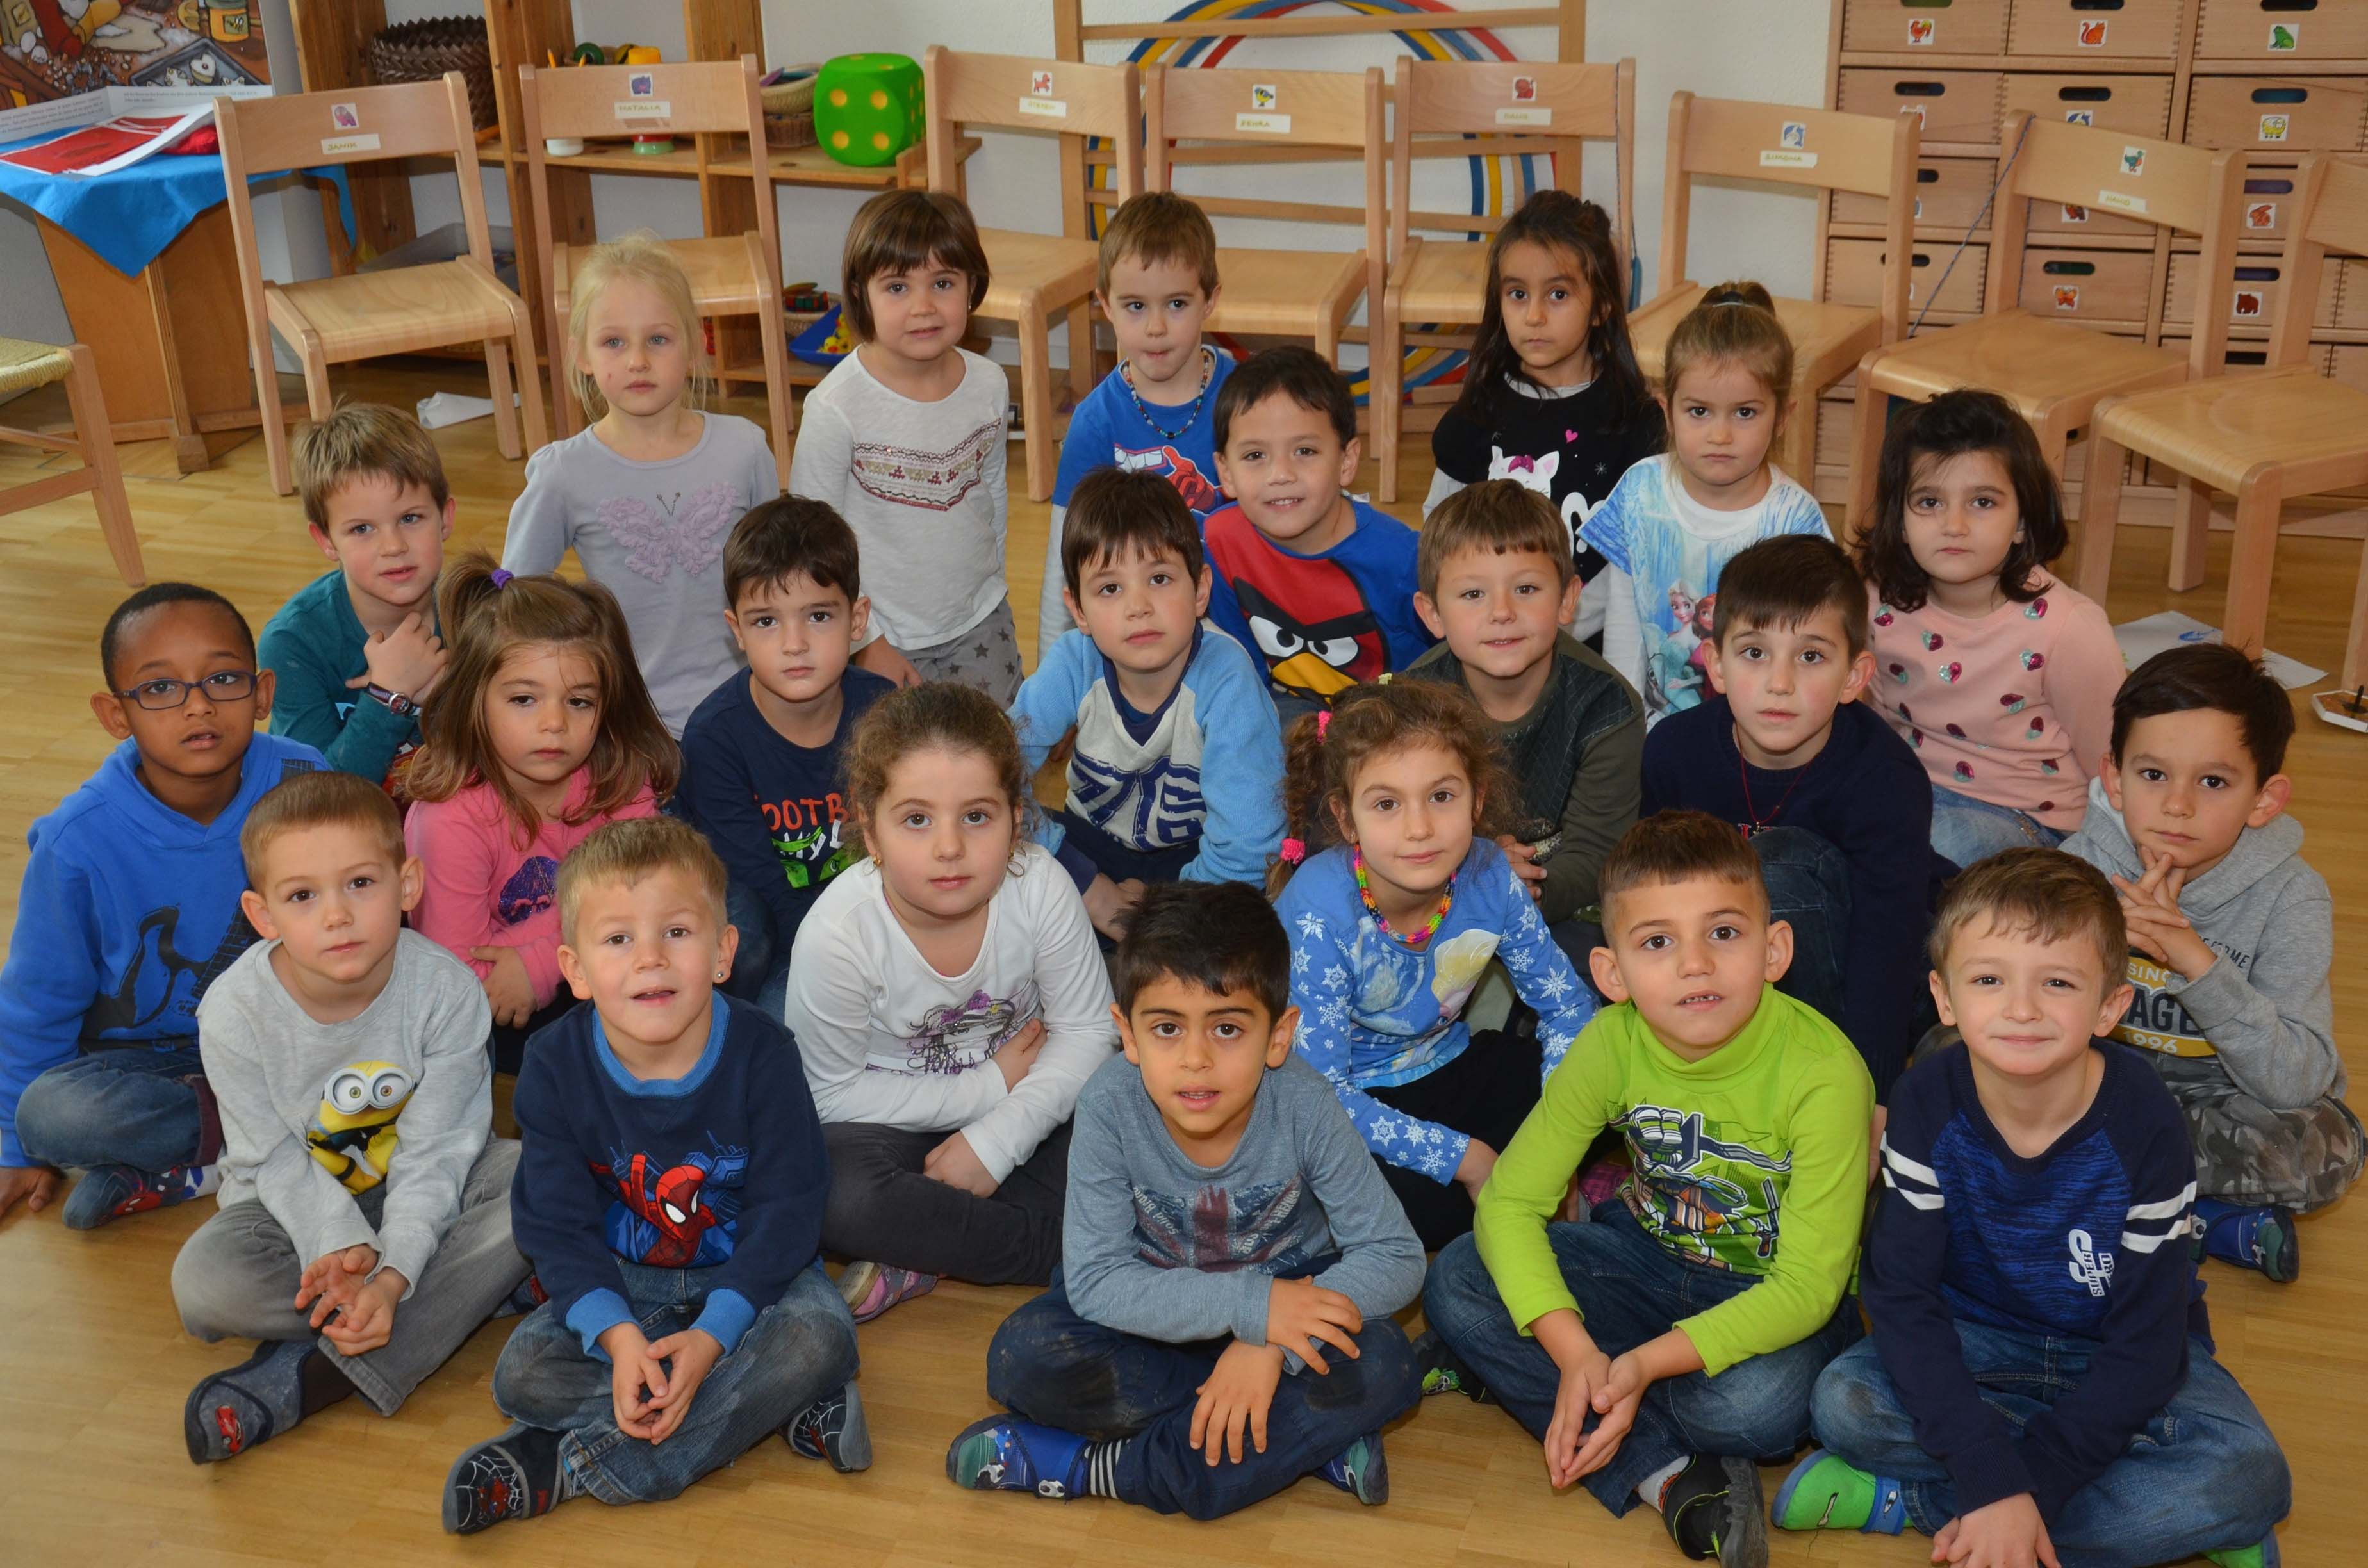 Kindergarten Weihnachten.Kinder Zeichnen Weihnachten Reussbote